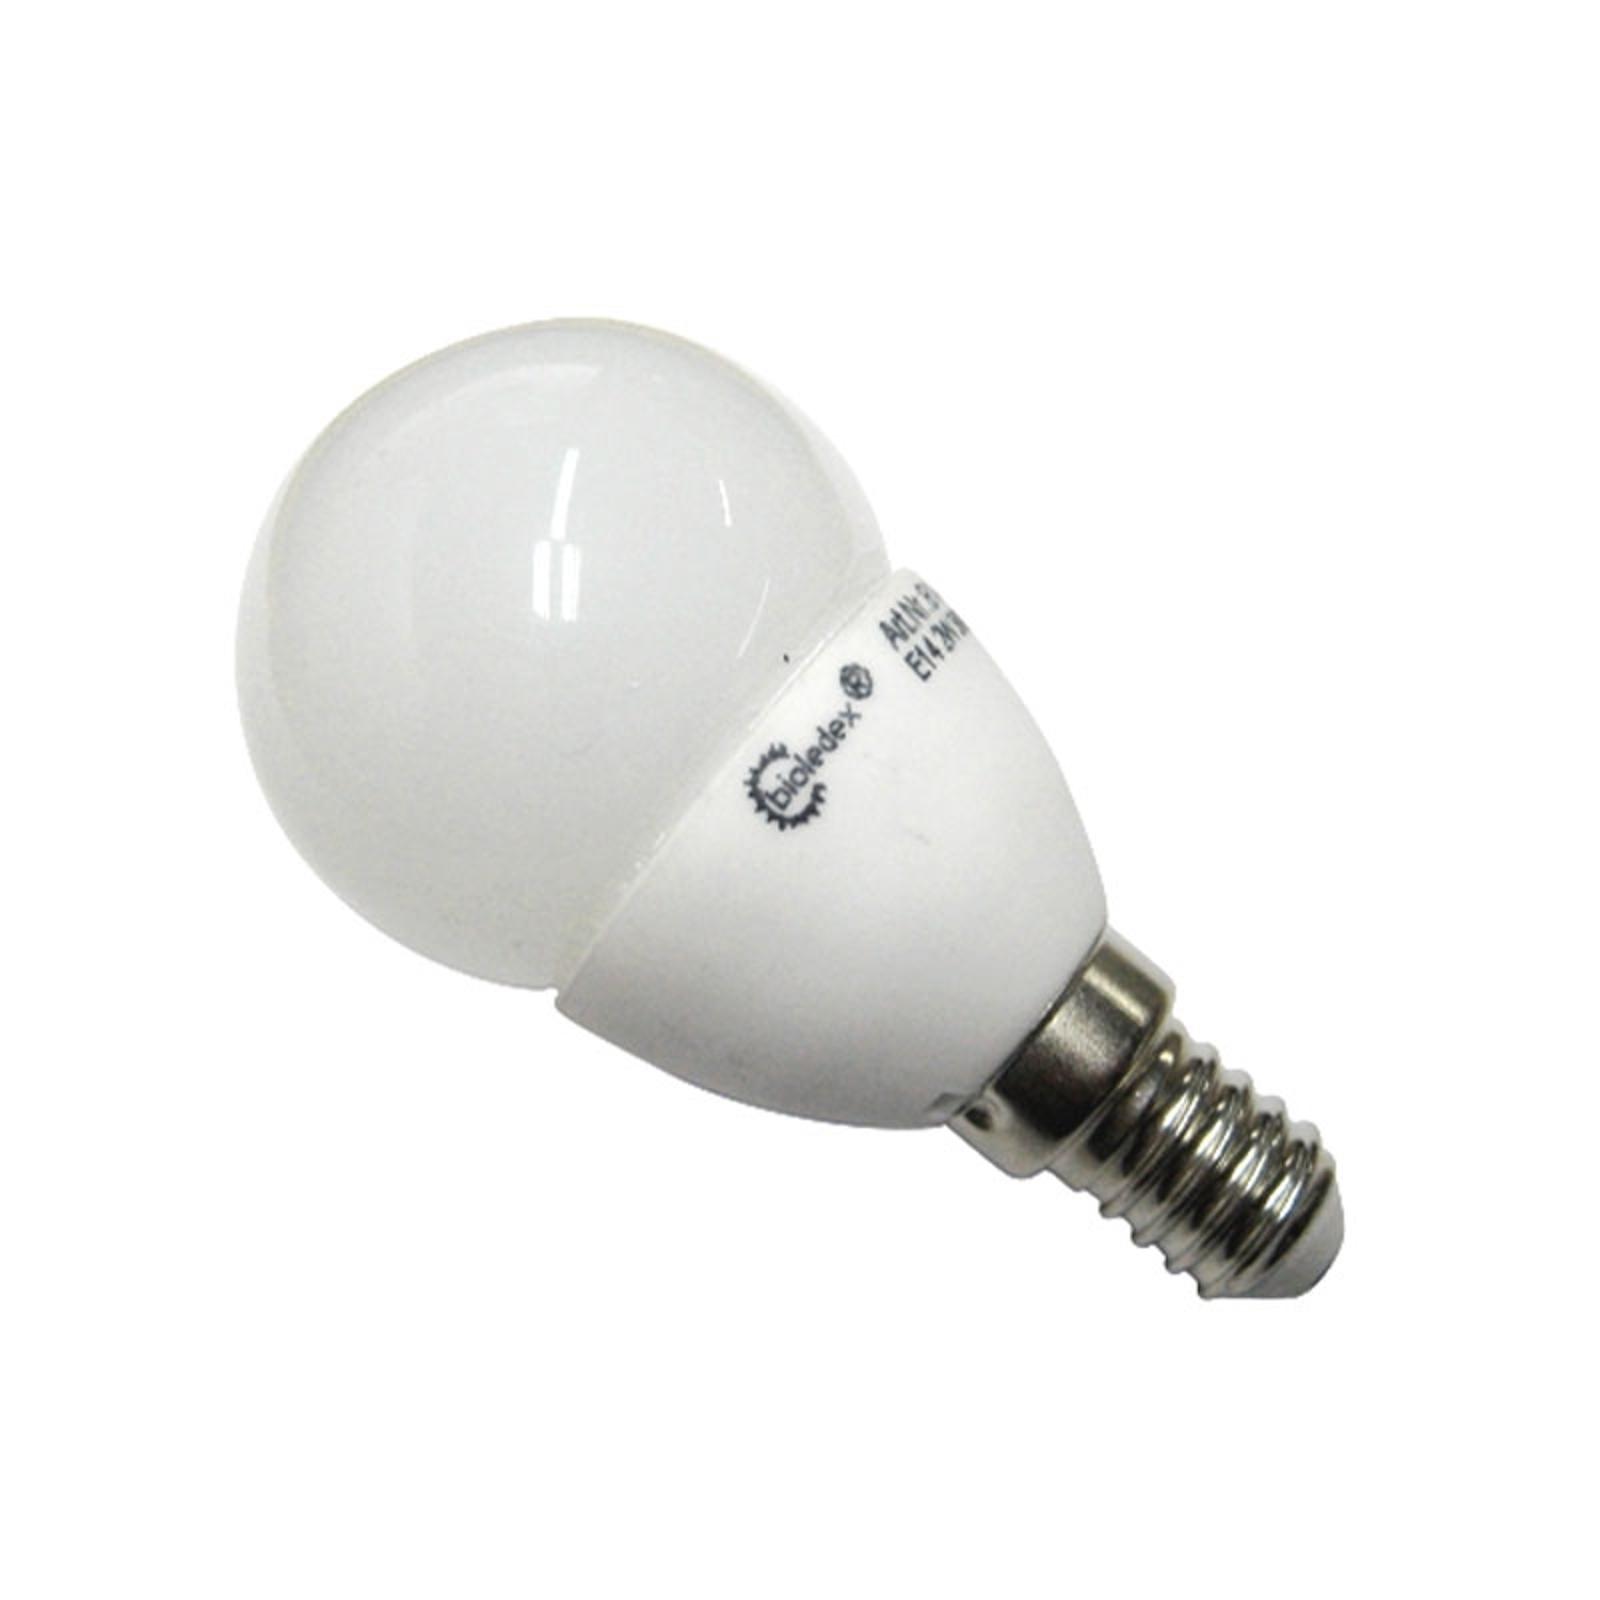 Żarówka kroplowa LED E14 3W Tema